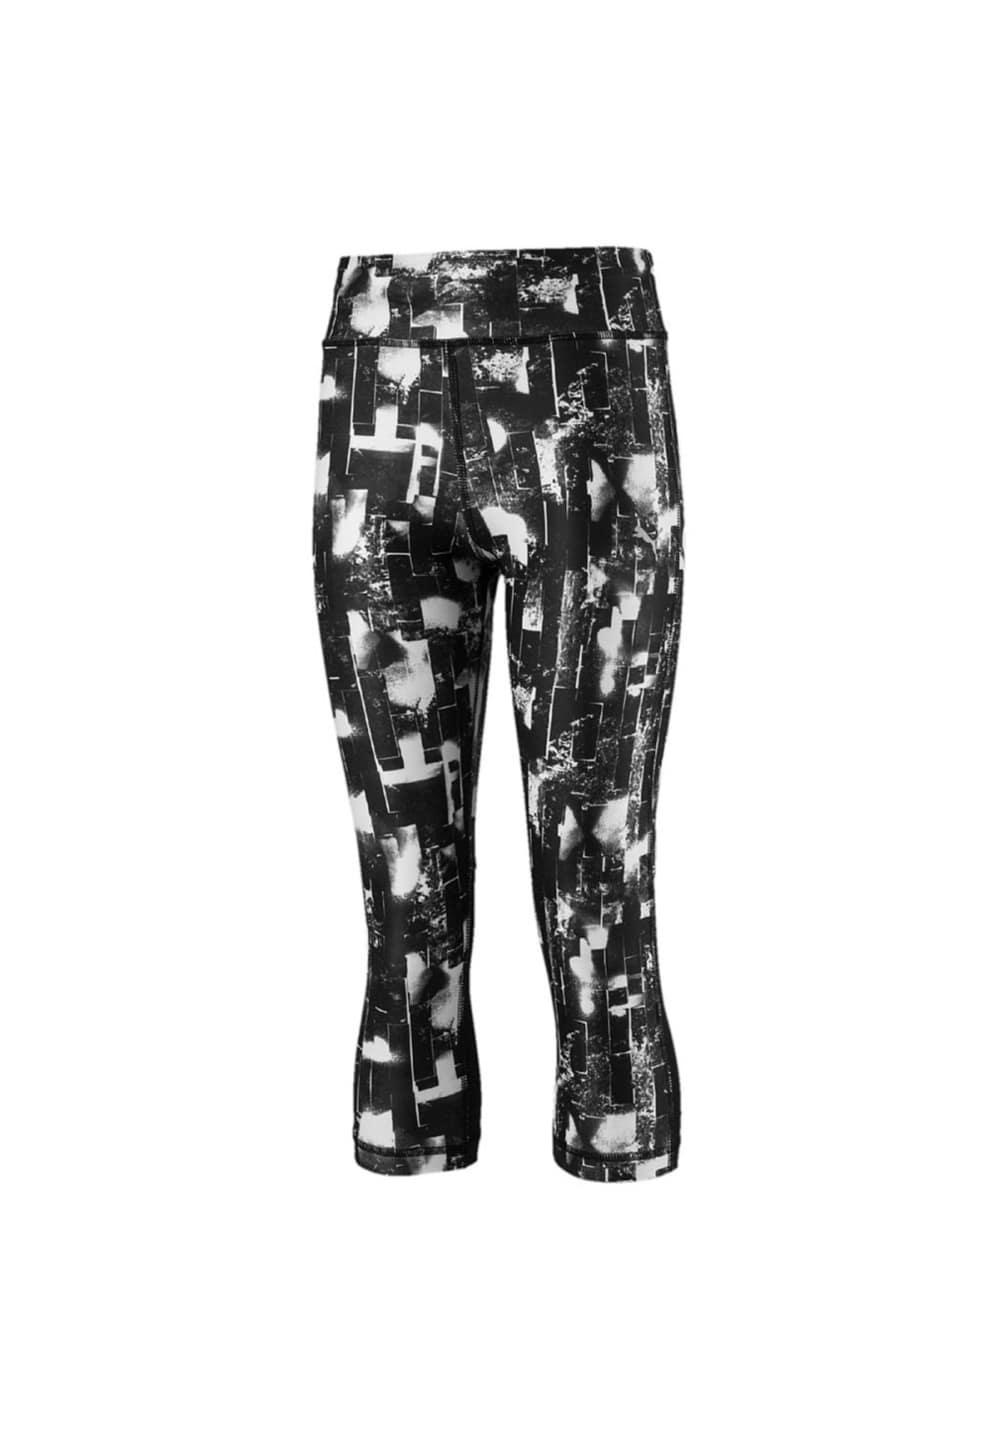 f261bf452 Puma Explosive 3 4 Leggings G - Running trousers for Girls - Black ...